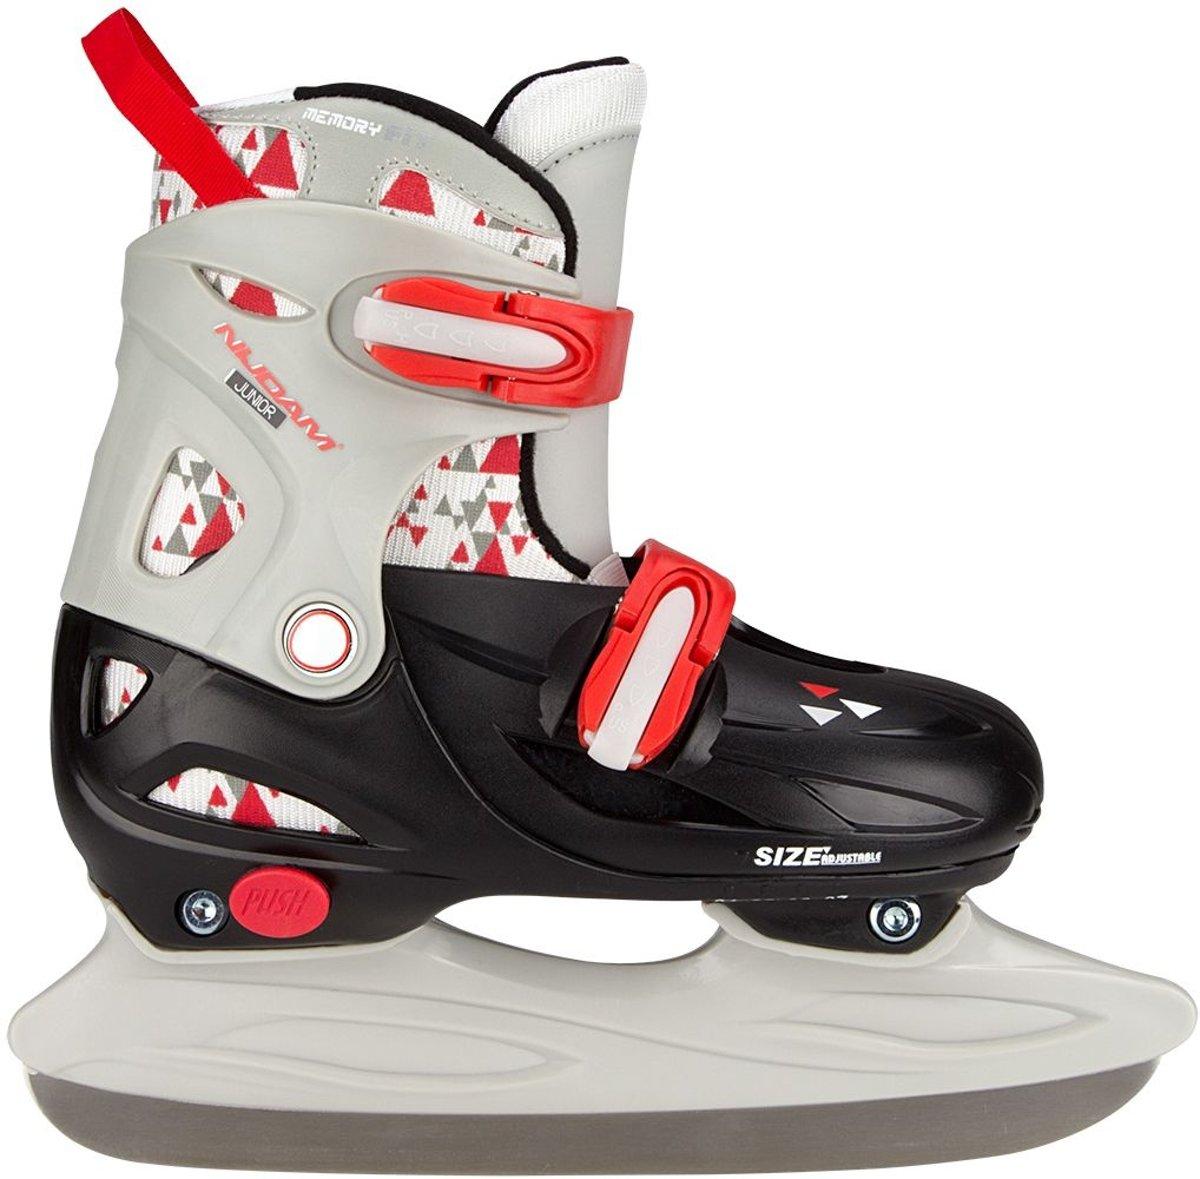 Nijdam Junior IJshockeyschaats Junior Verstelbaar - Hardboot - Zwart/Grijs/Rood - 38-41